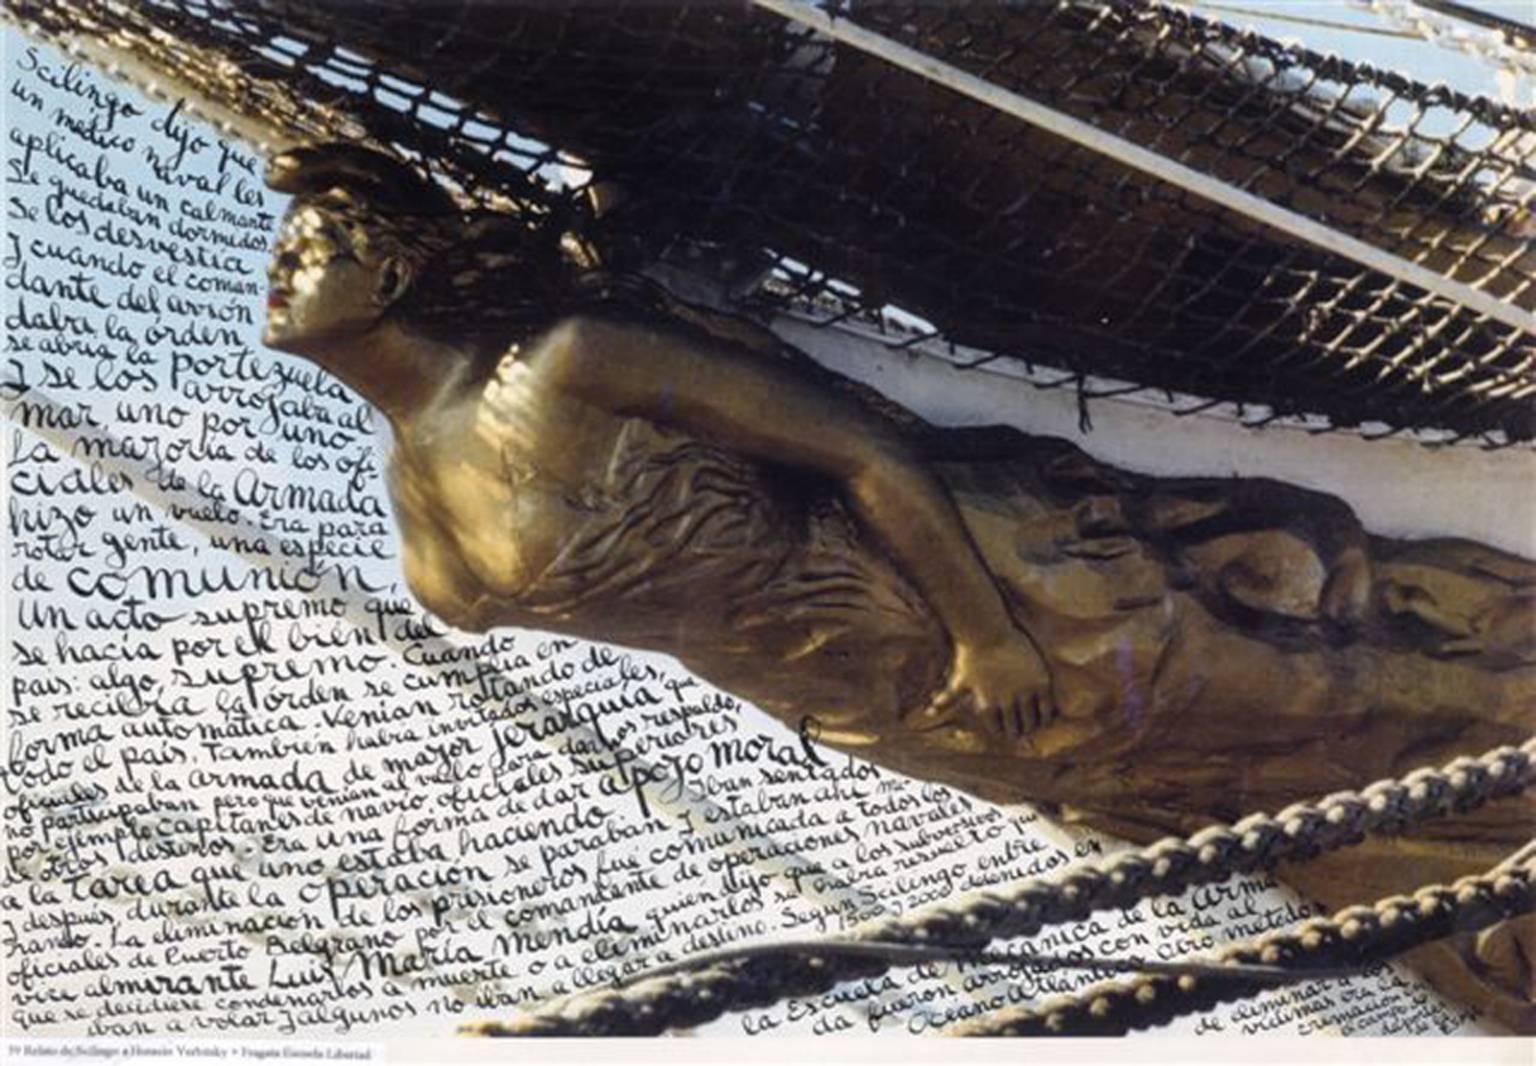 © Léon Ferrari, Série Nunca mas, Libertad, 1995